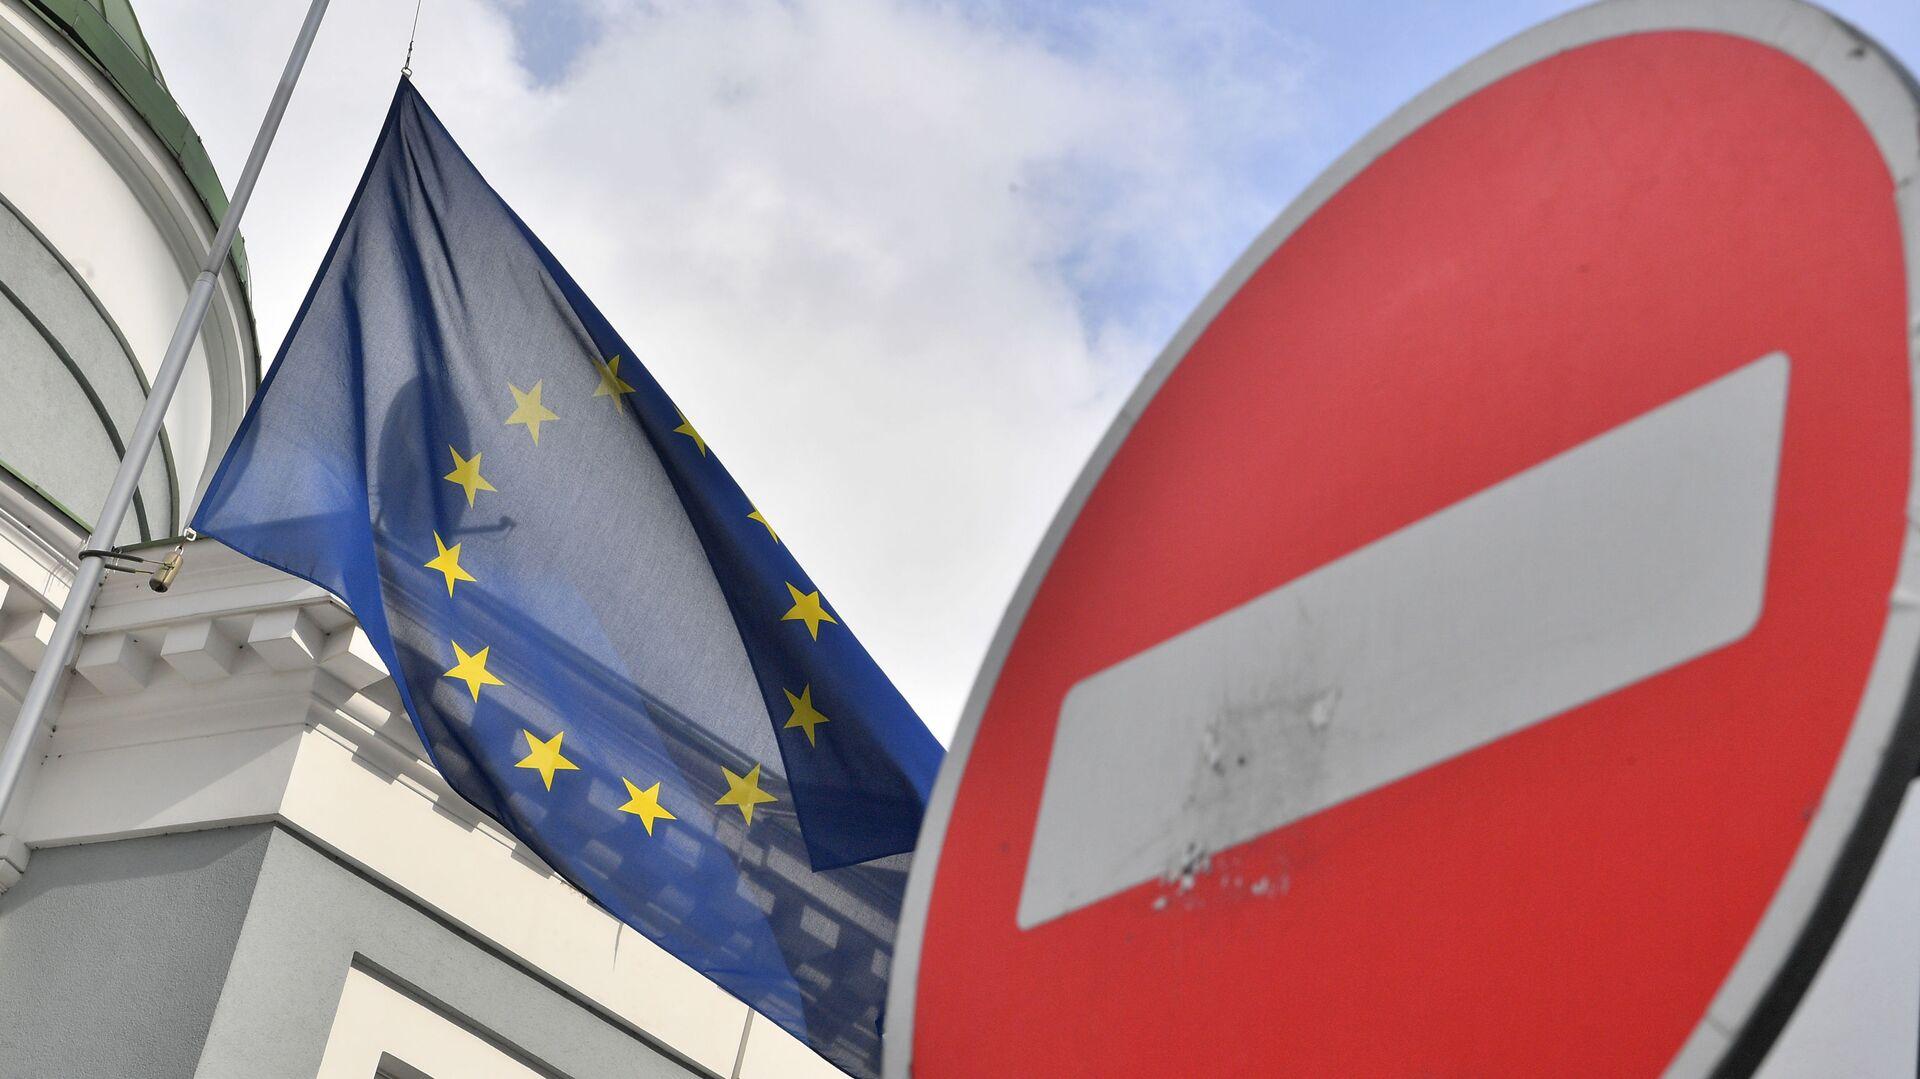 Флаг ЕС у здания представительства Европейского Союза в Москве - Sputnik Узбекистан, 1920, 25.02.2021